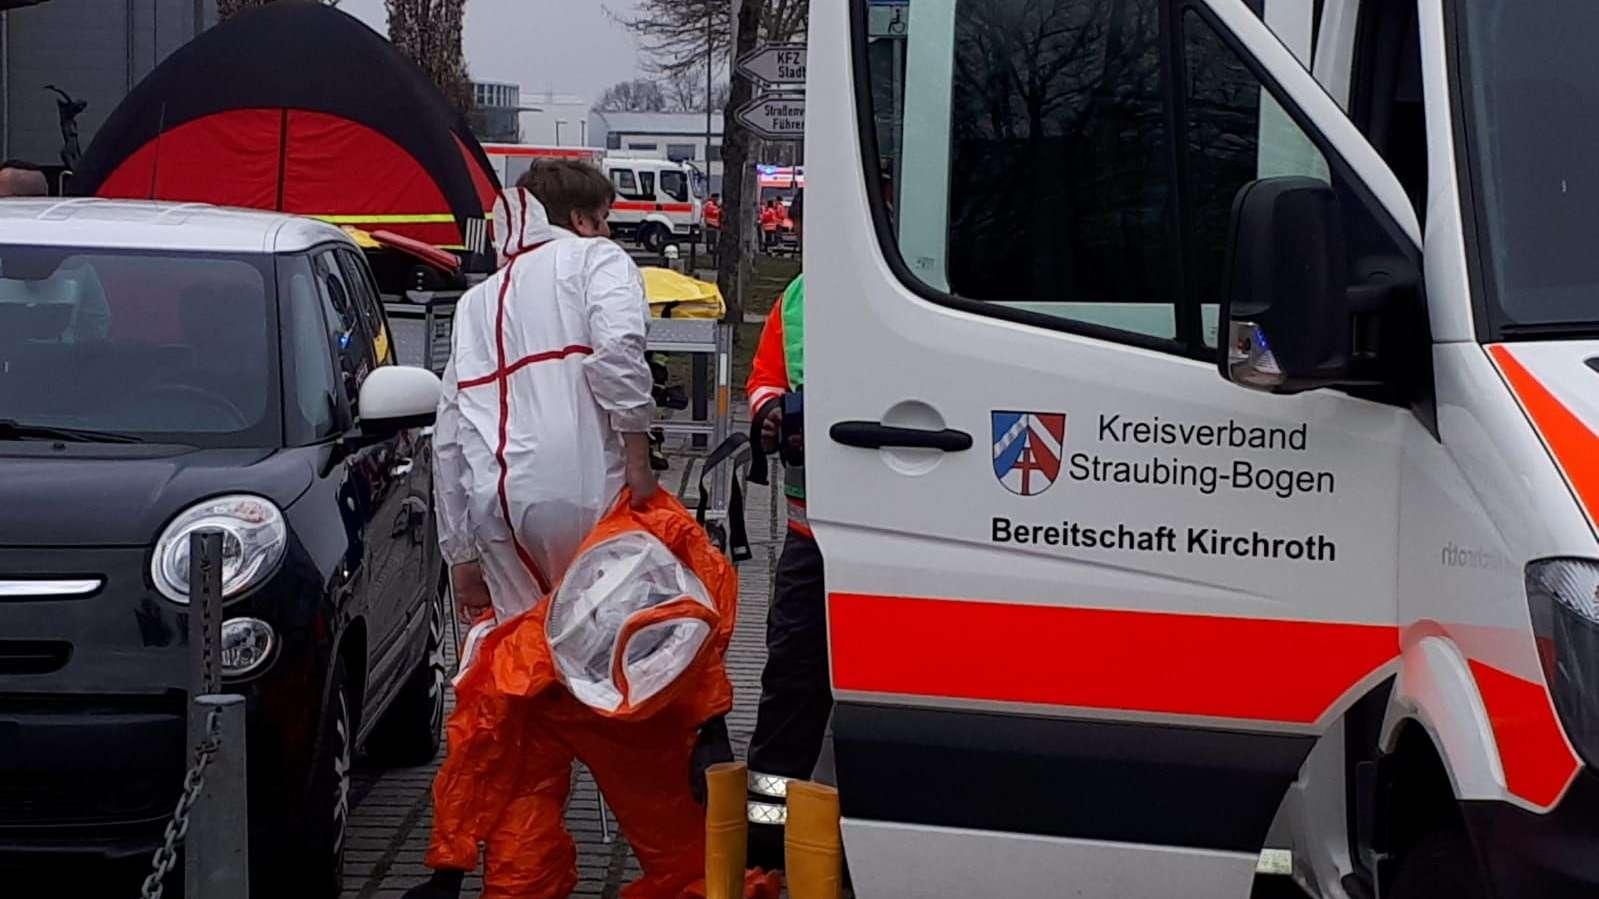 Viele Rettungskräfte sind wegen des Ammoniakaustritts am Straubinger Eisstadion im Einsatz.